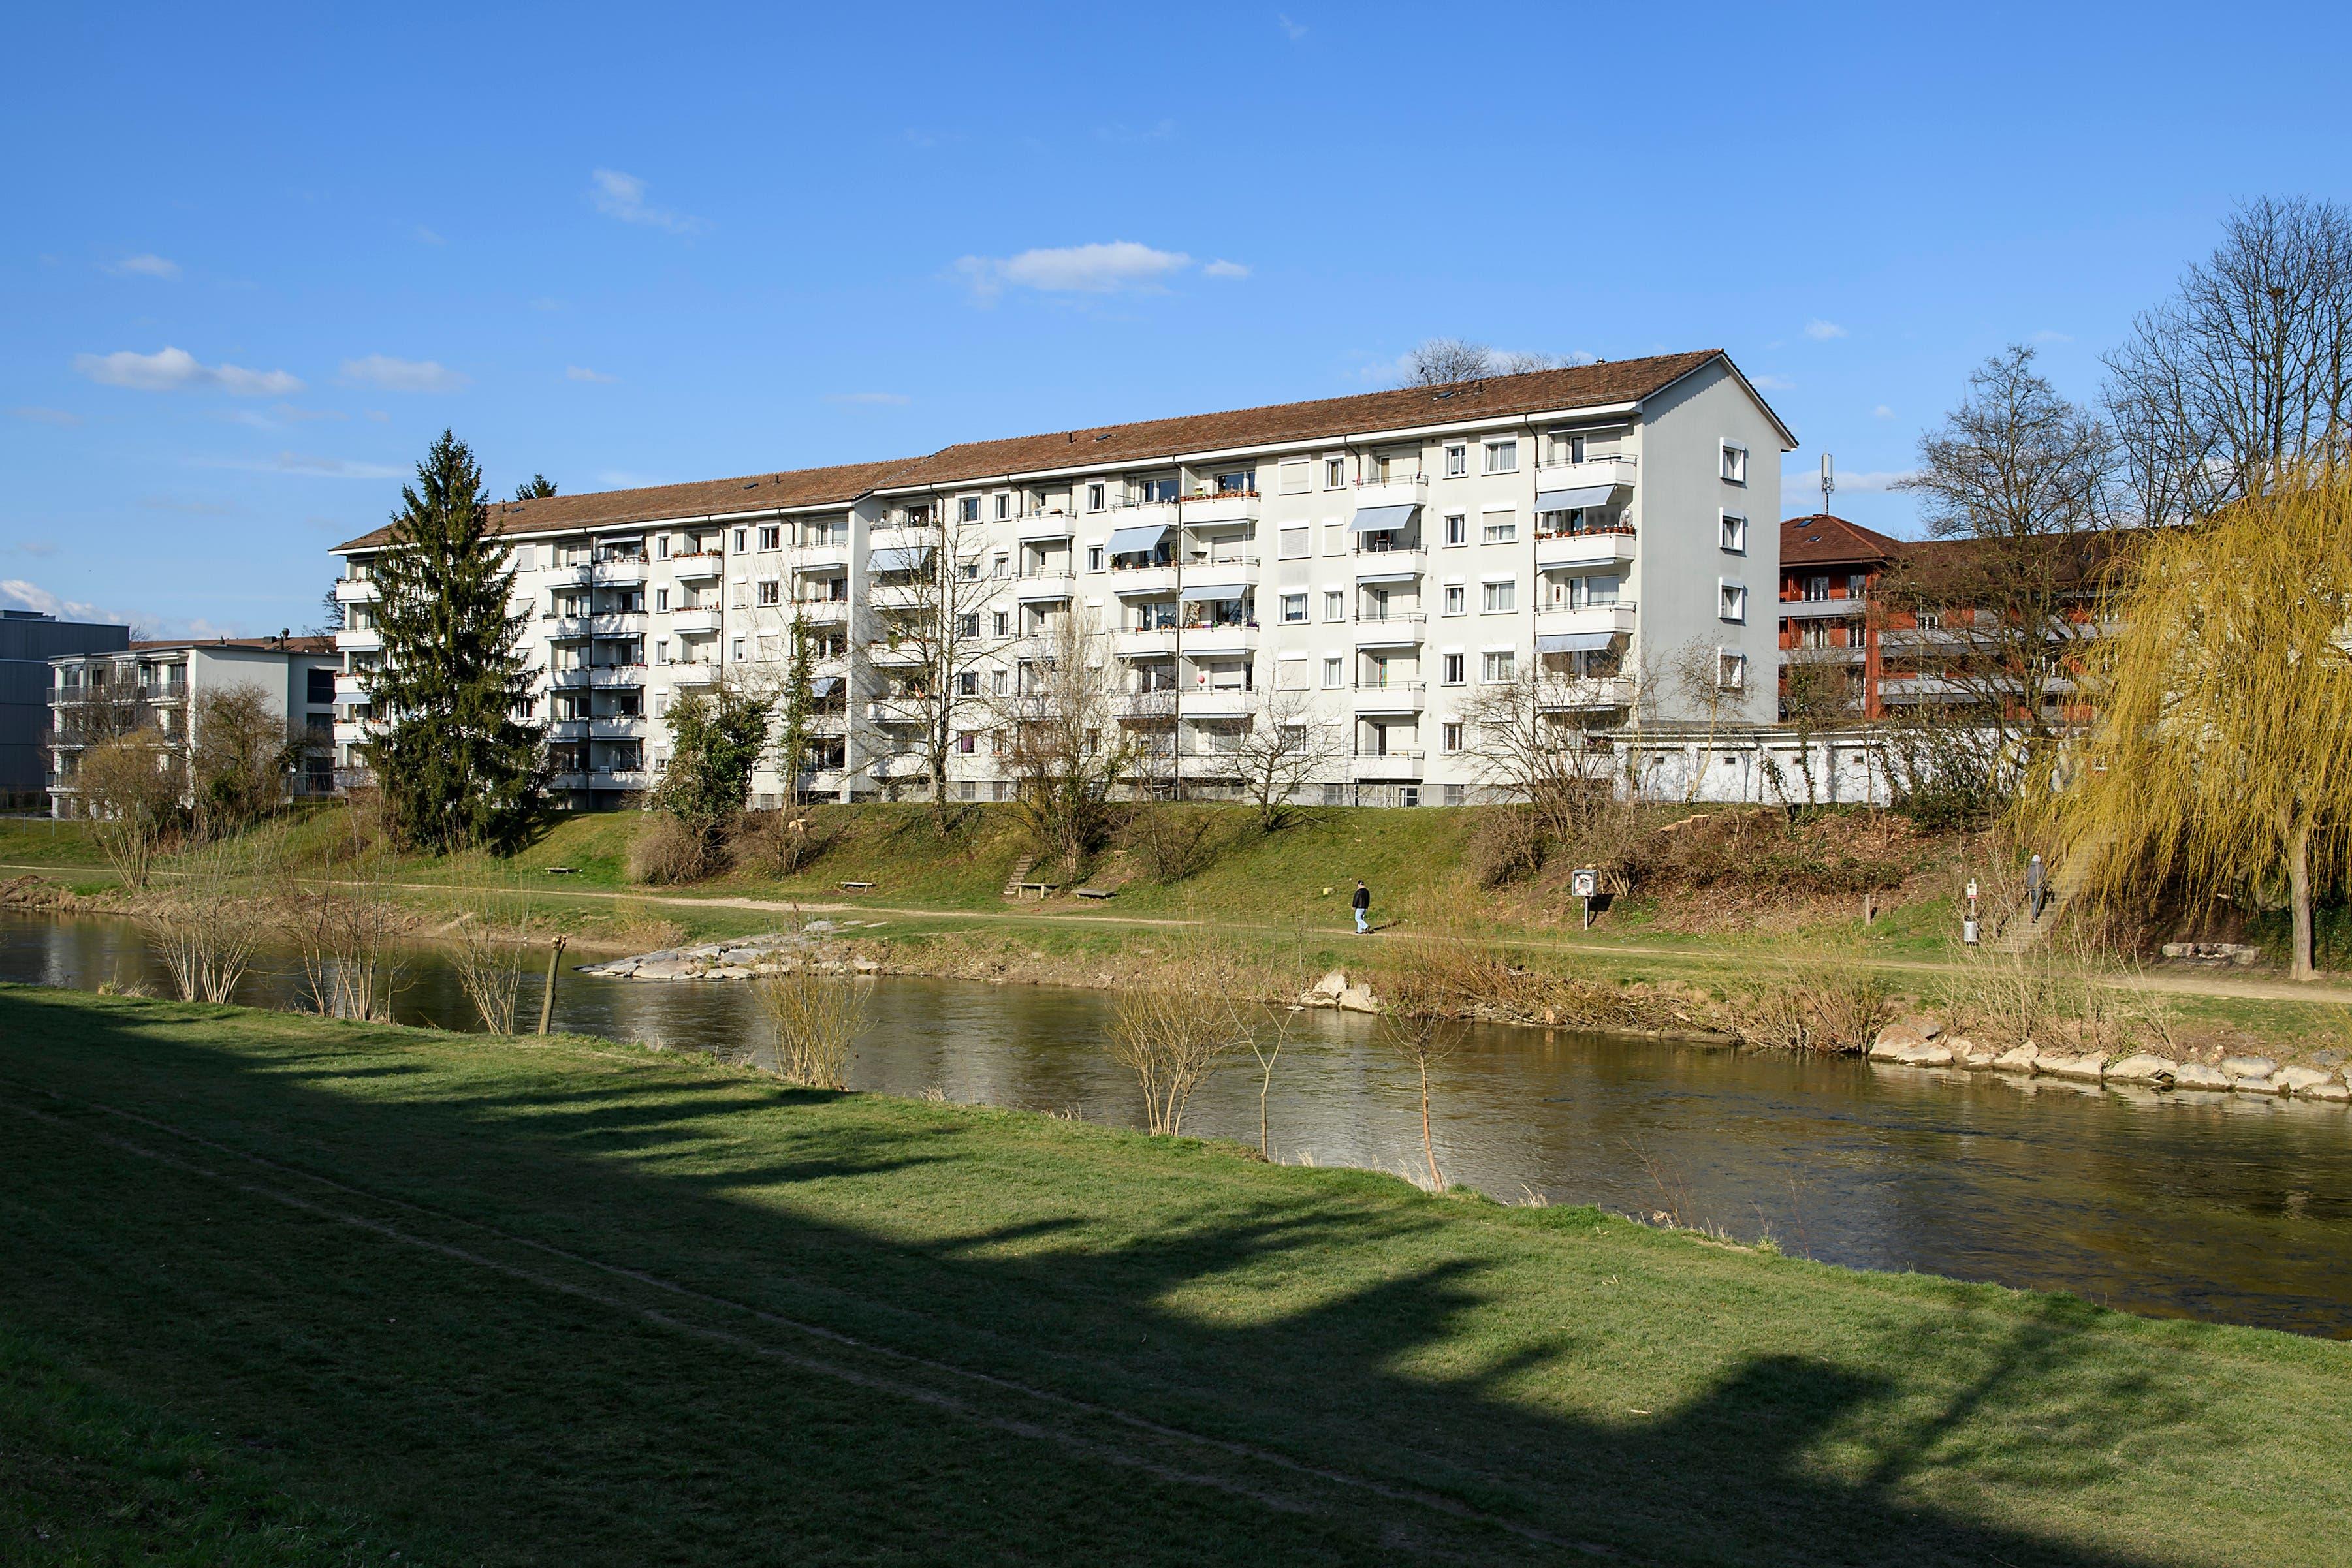 Das Areal des Quartierplans Birseckstrasse befindet sich entlang der Birs in Birsfelden.